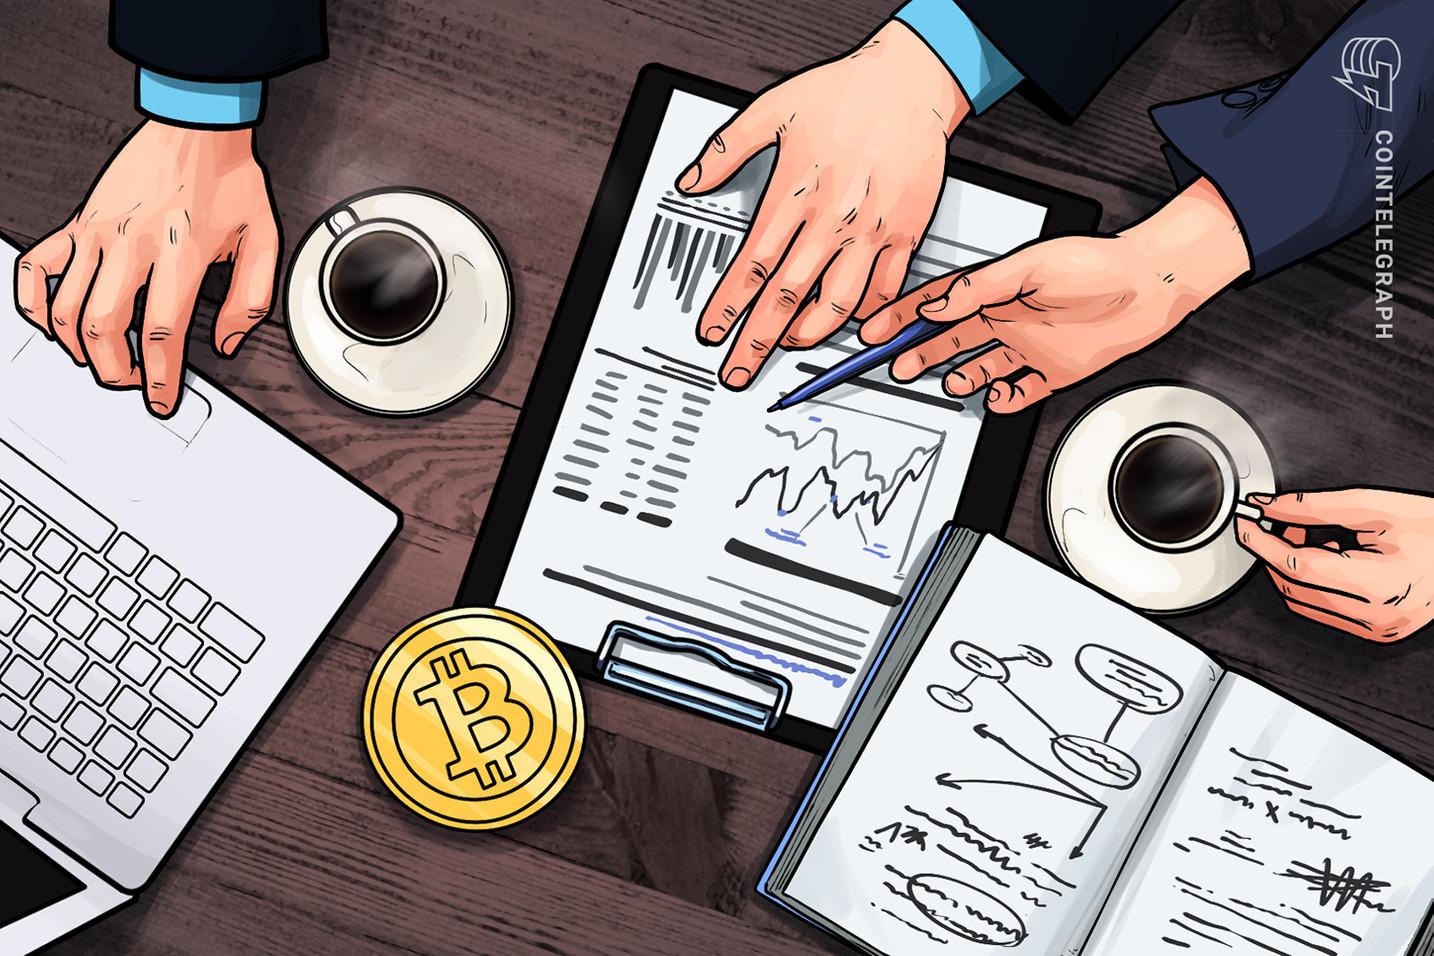 Il controverso psicologo Jordan Peterson discute del valore e dei benefici di Bitcoin